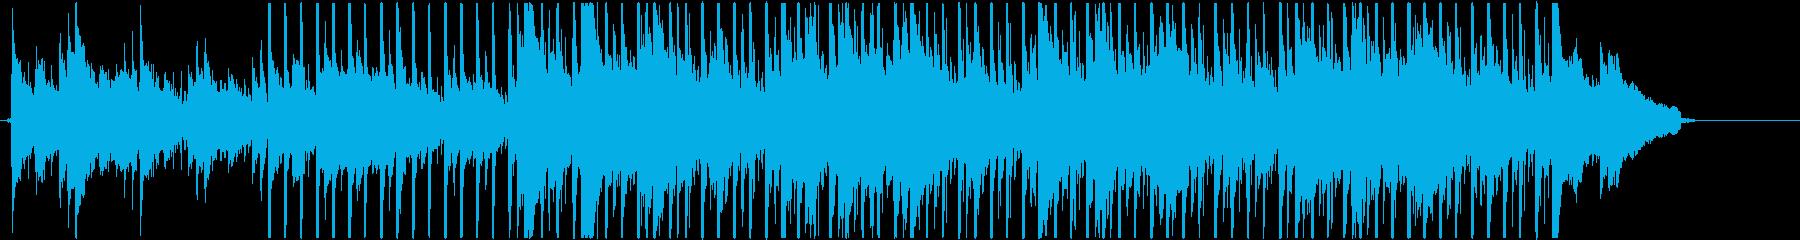 アコースティックギター主導まったりポップの再生済みの波形